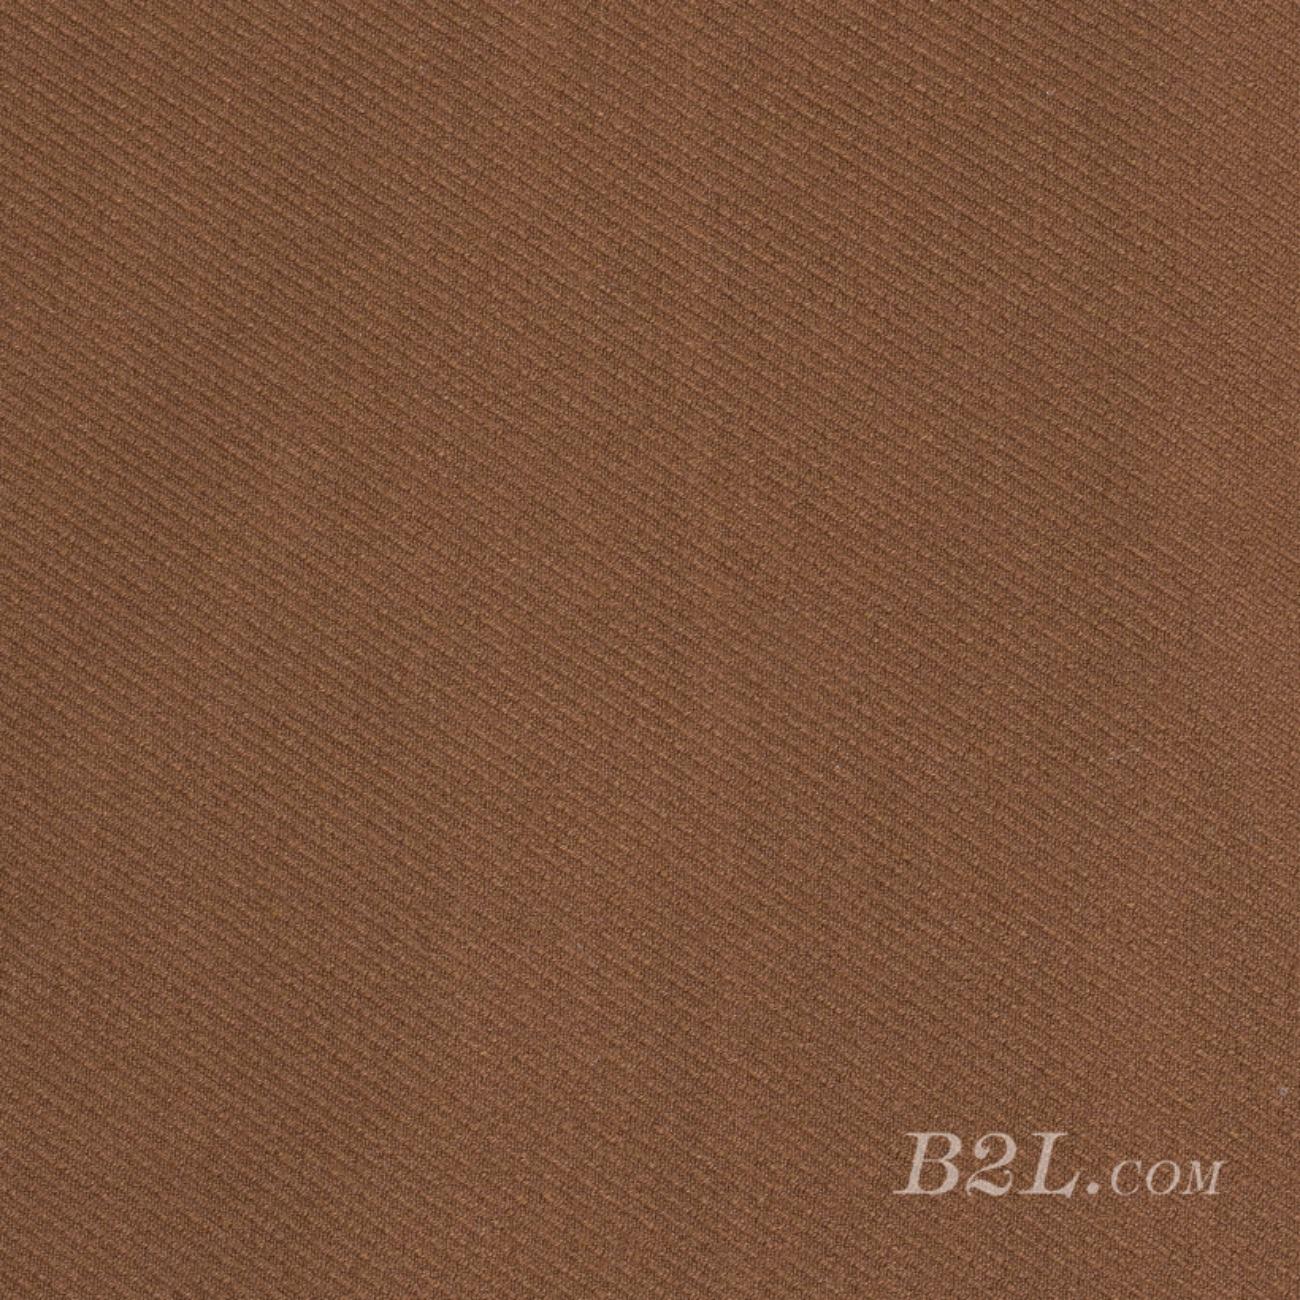 梭织染色素色斜纹复合面料-春秋工装职业装休闲服面料S1528复合